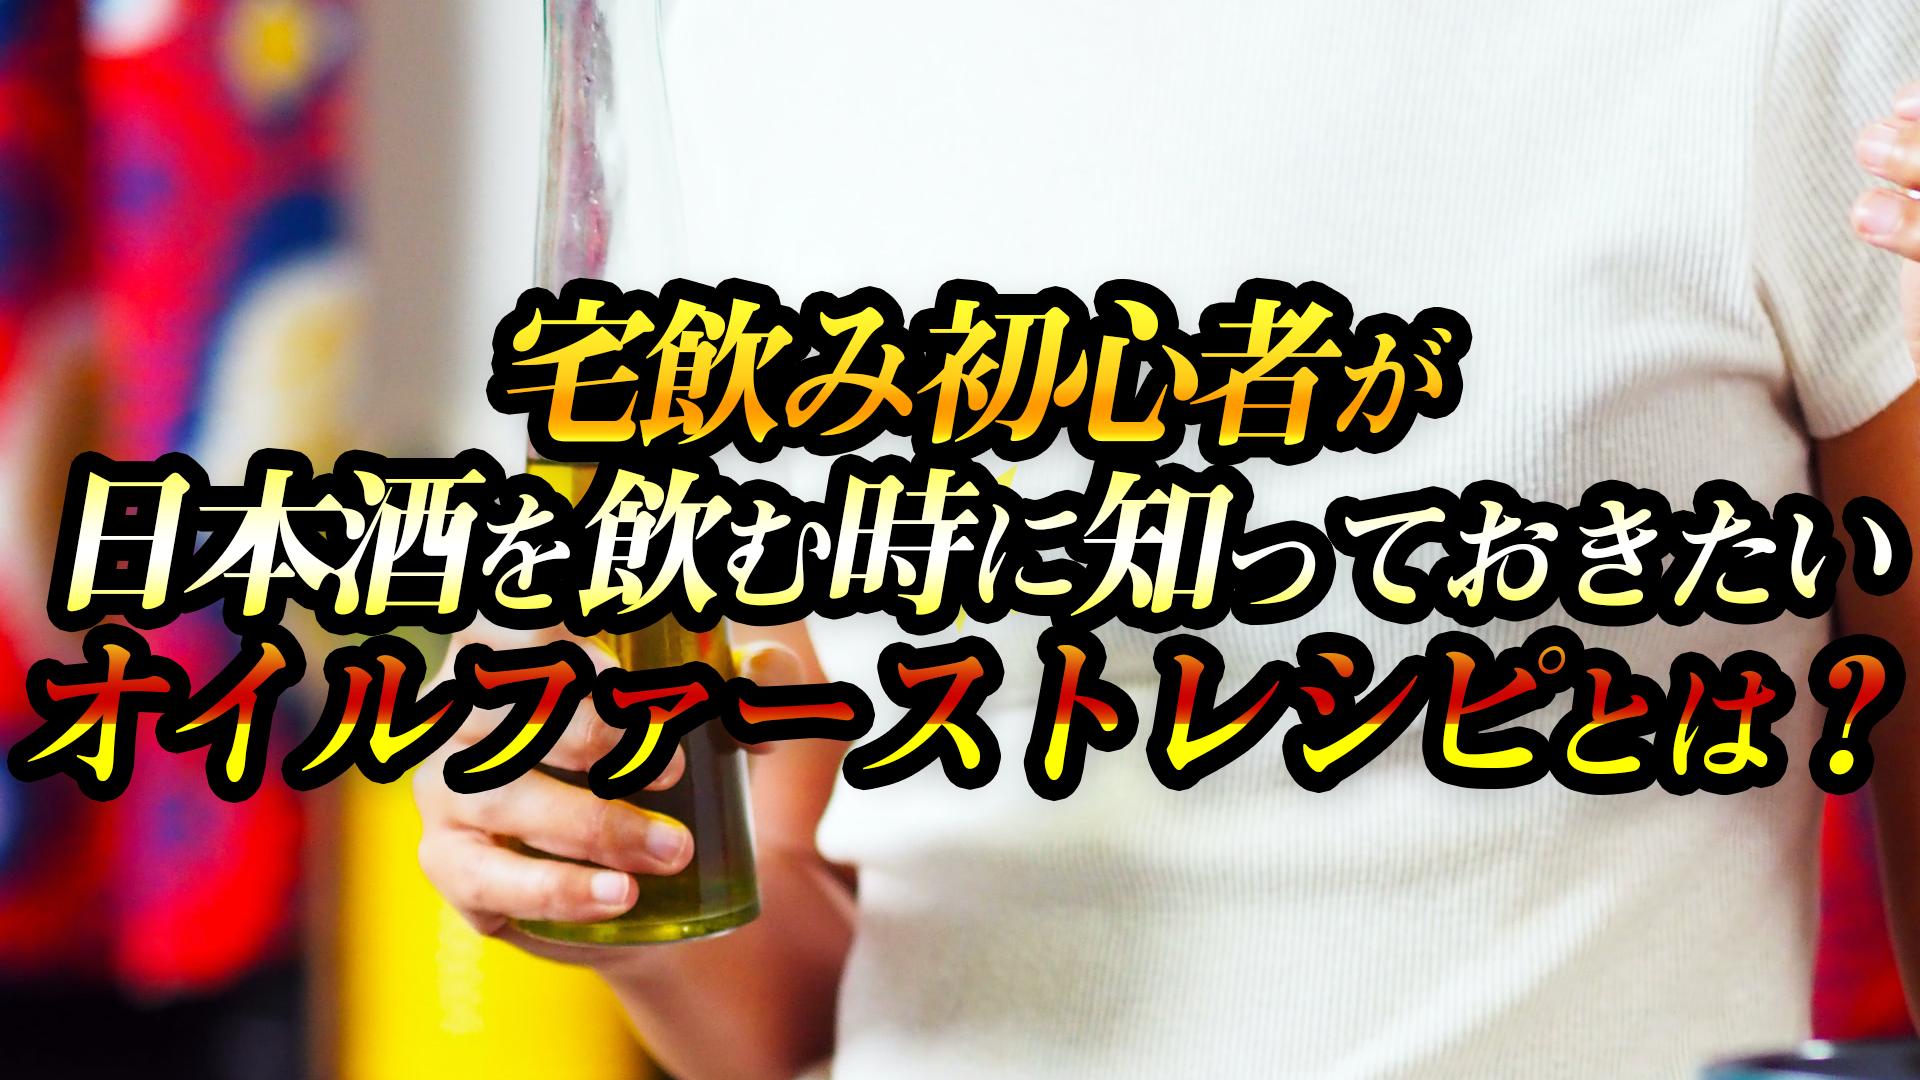 宅飲み初心者が日本酒を飲む時に知っておきたいオイルファーストレシピとは